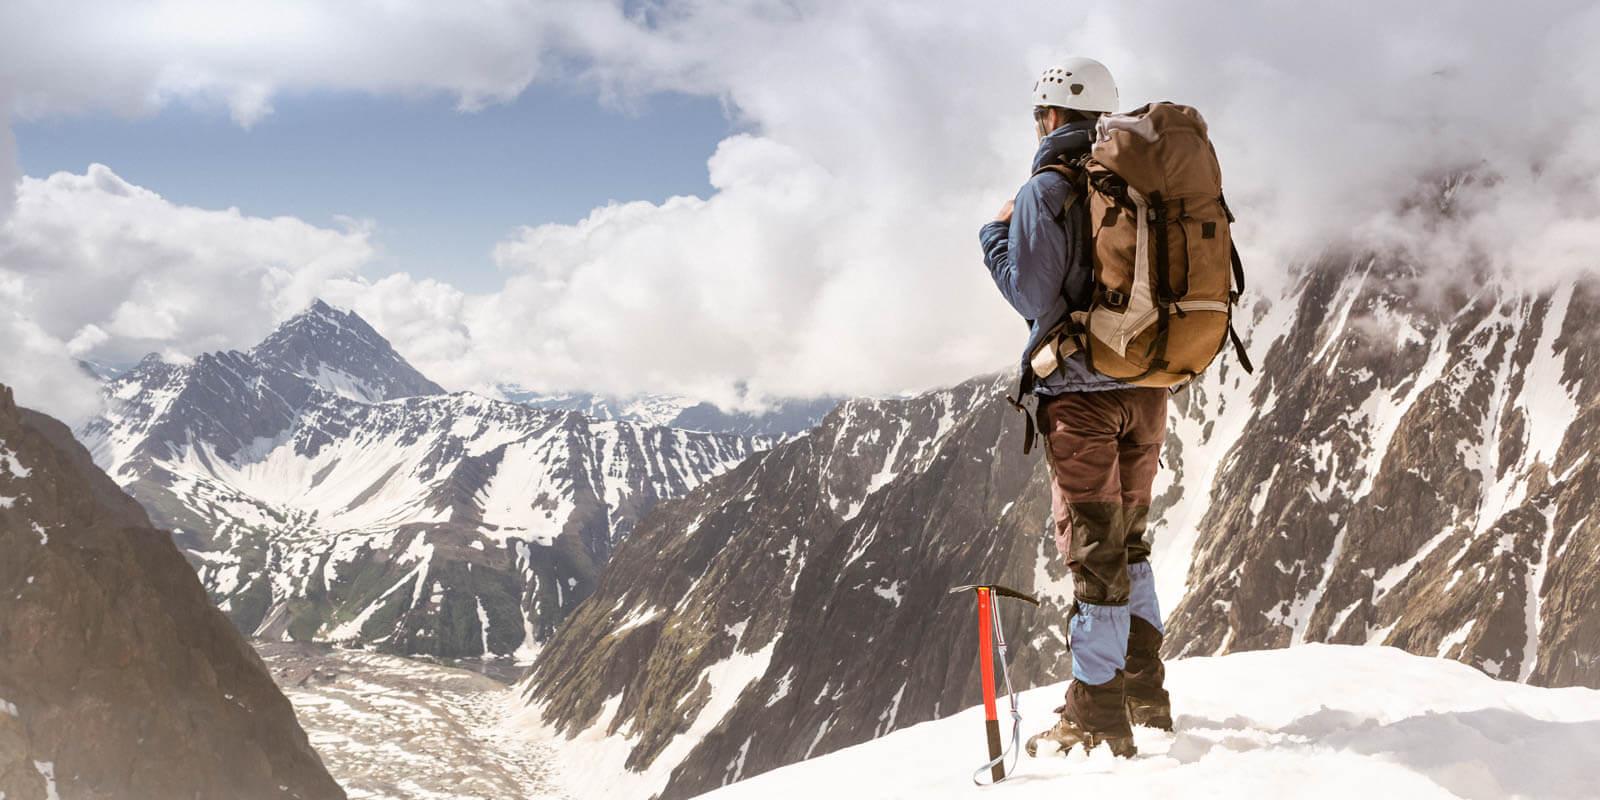 Ein Bergsteiger steht auf einem Berg und schaut in die Ferne